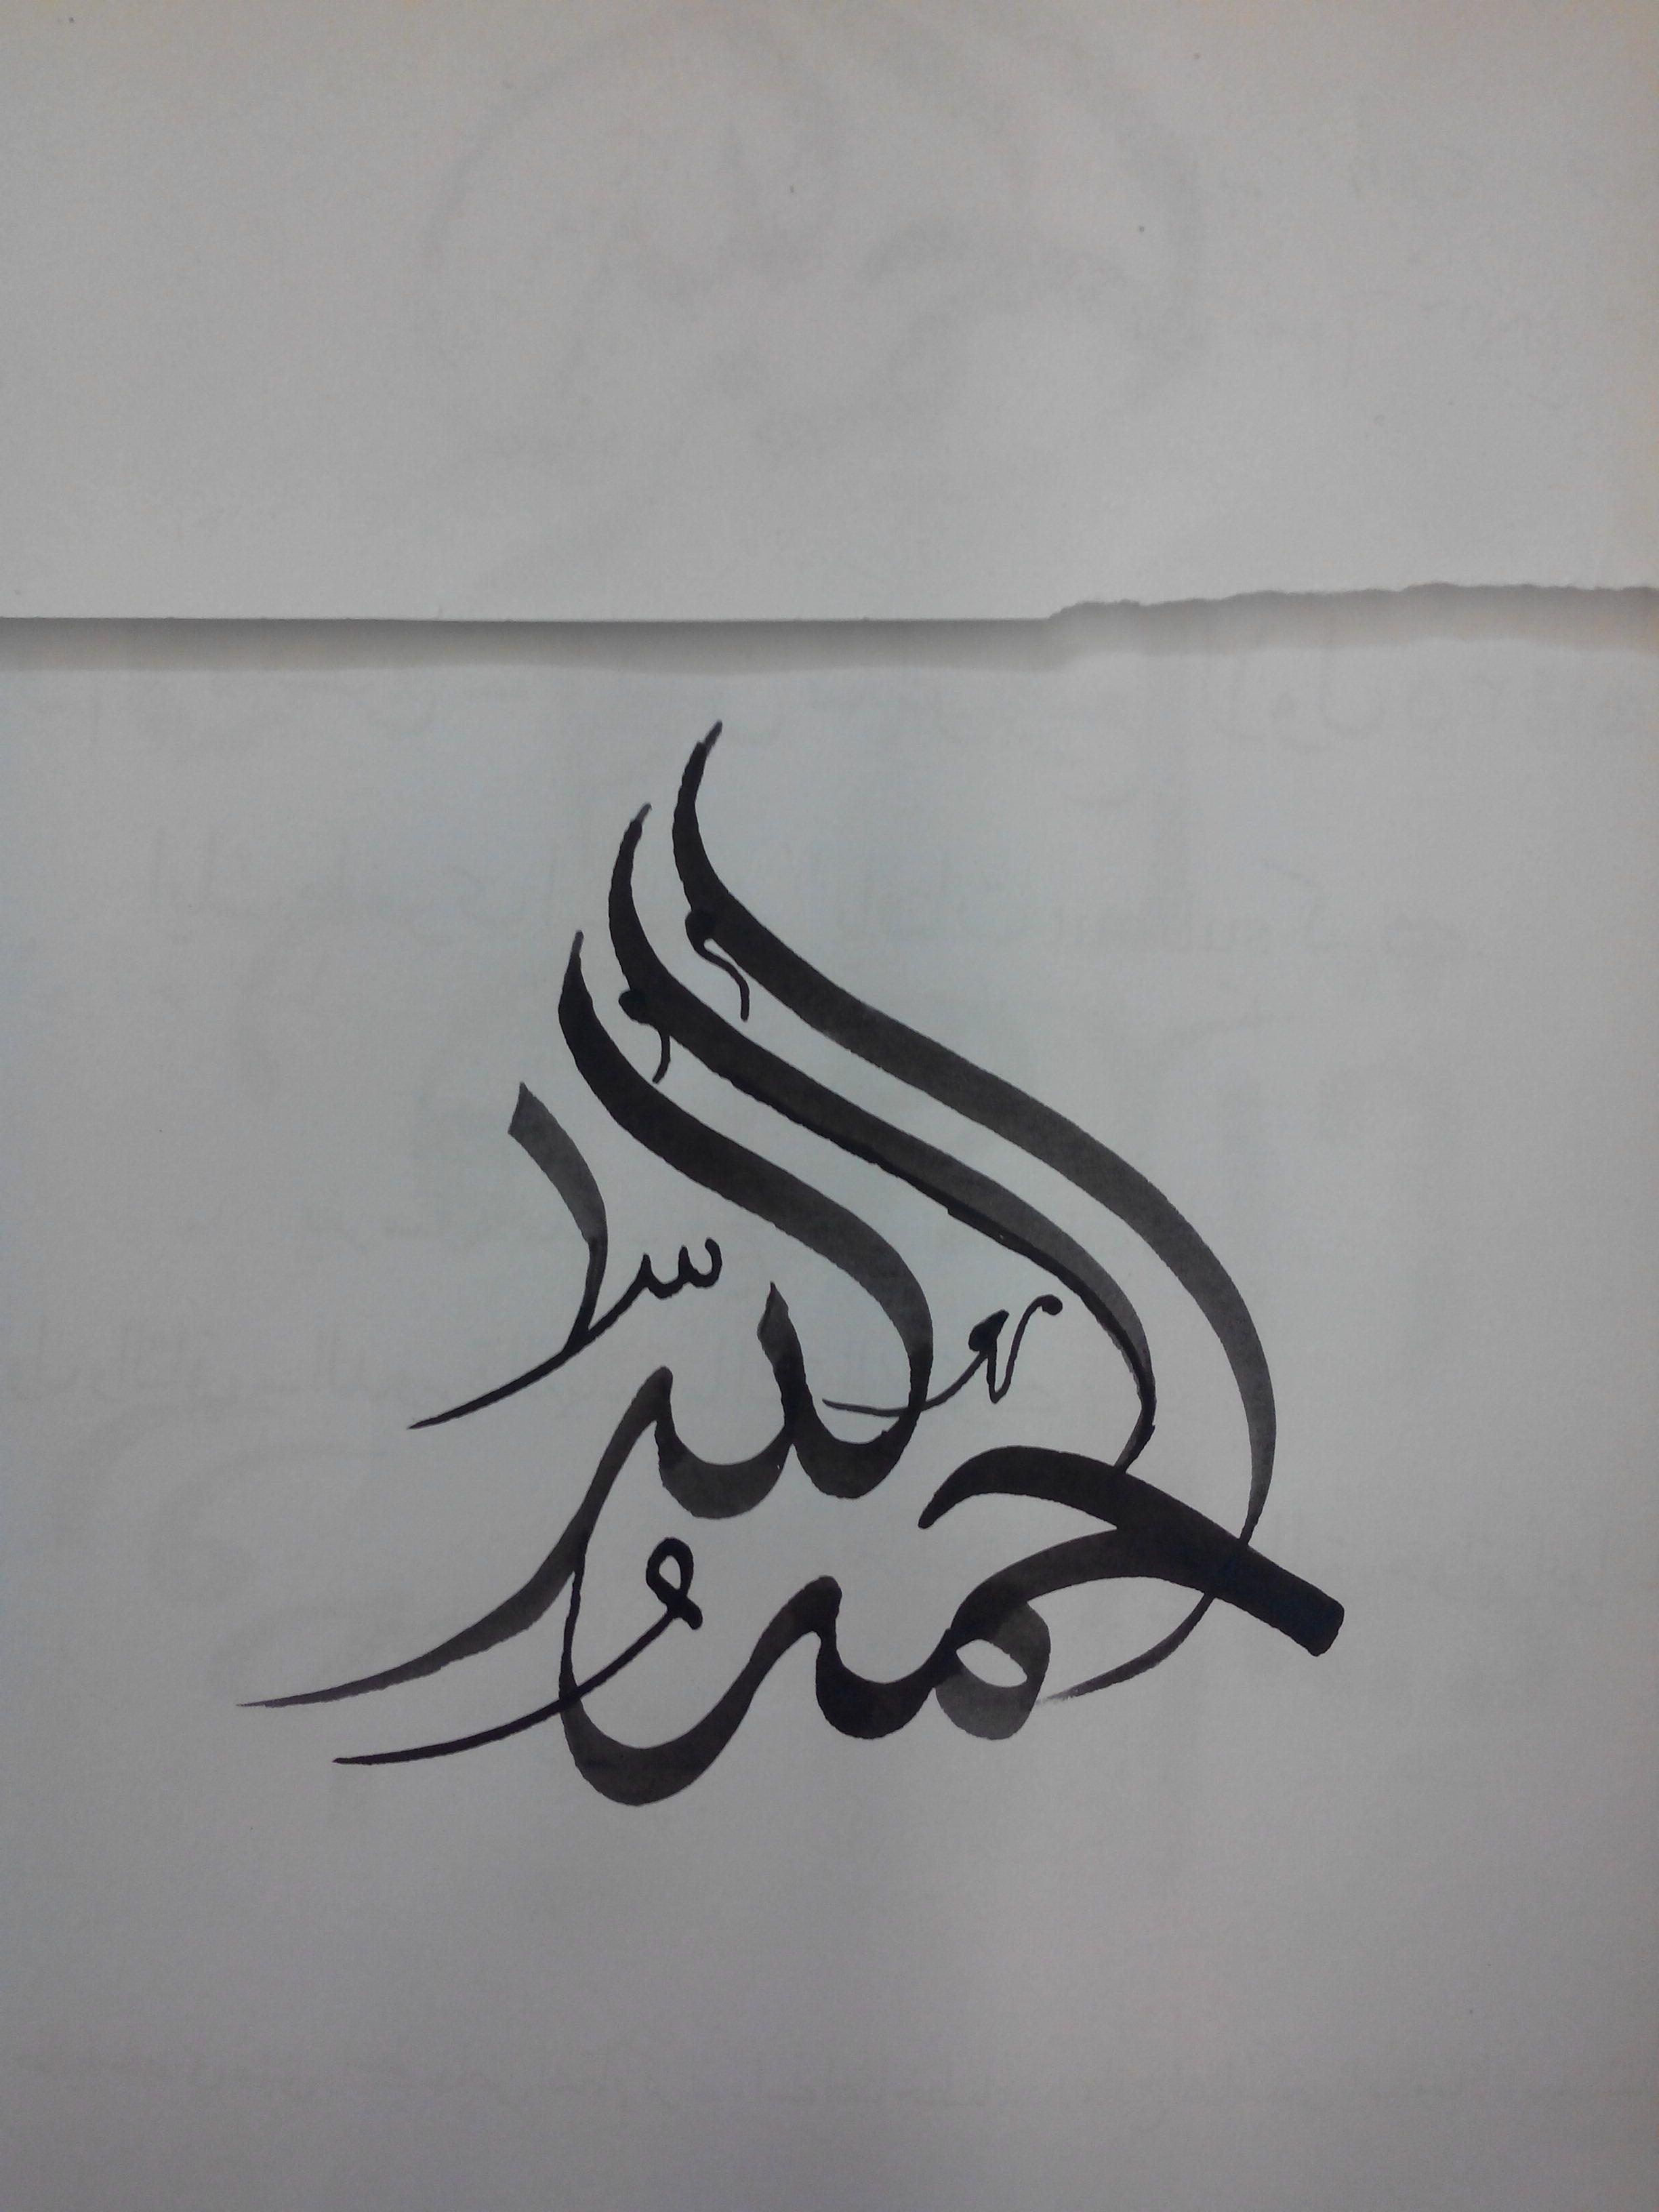 الحمد لله بخط يدي الخط العربي Grafik Sanati Tezhip Islami Sanat